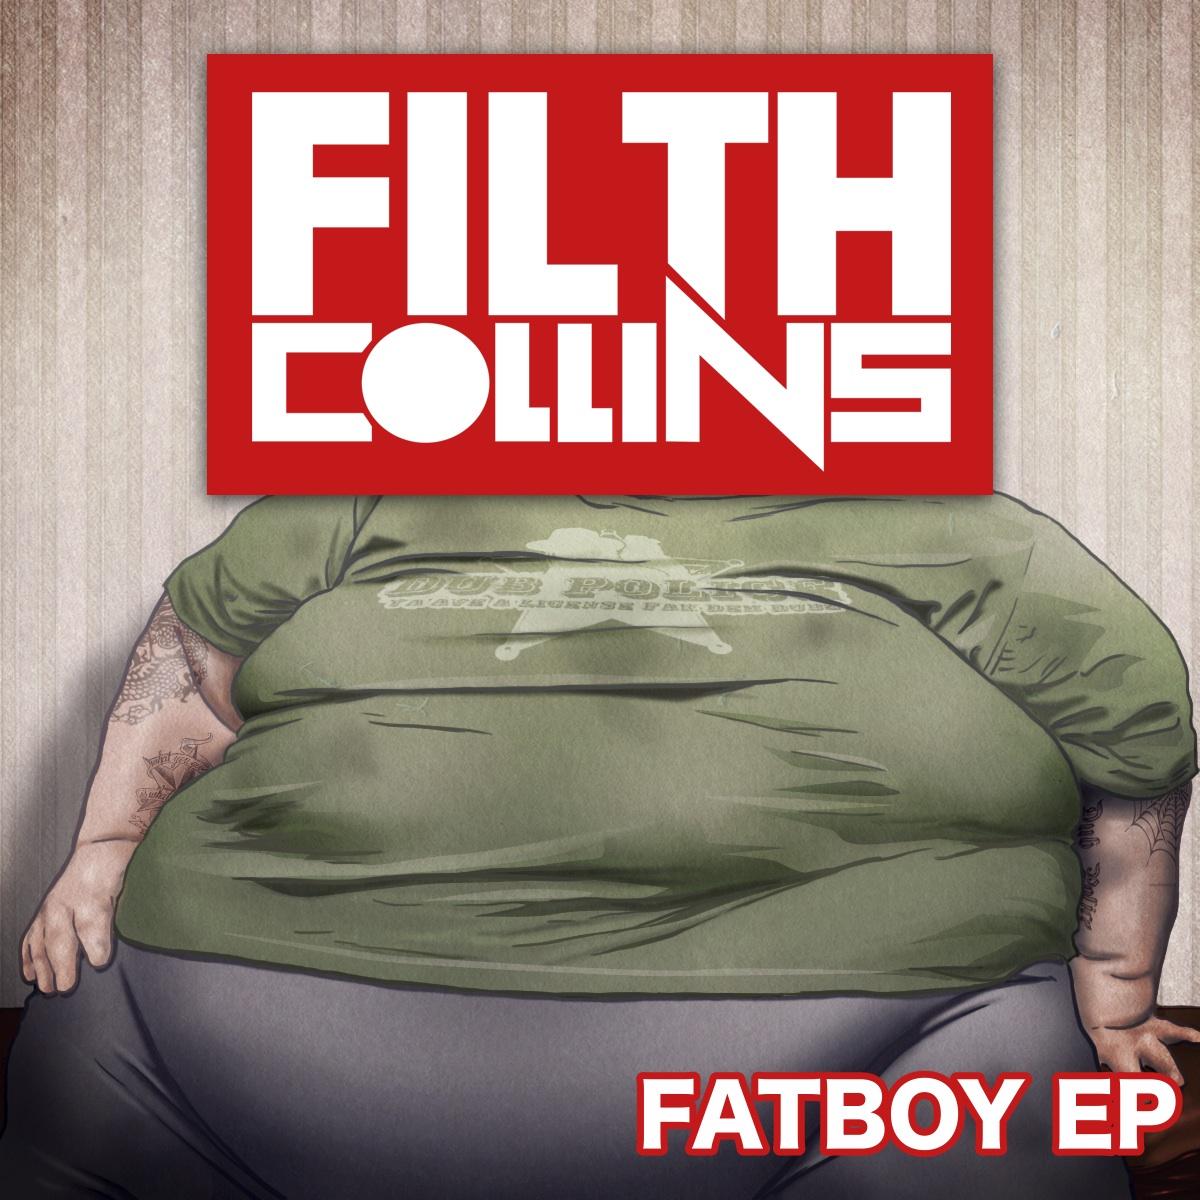 DP066: FATBOY EP